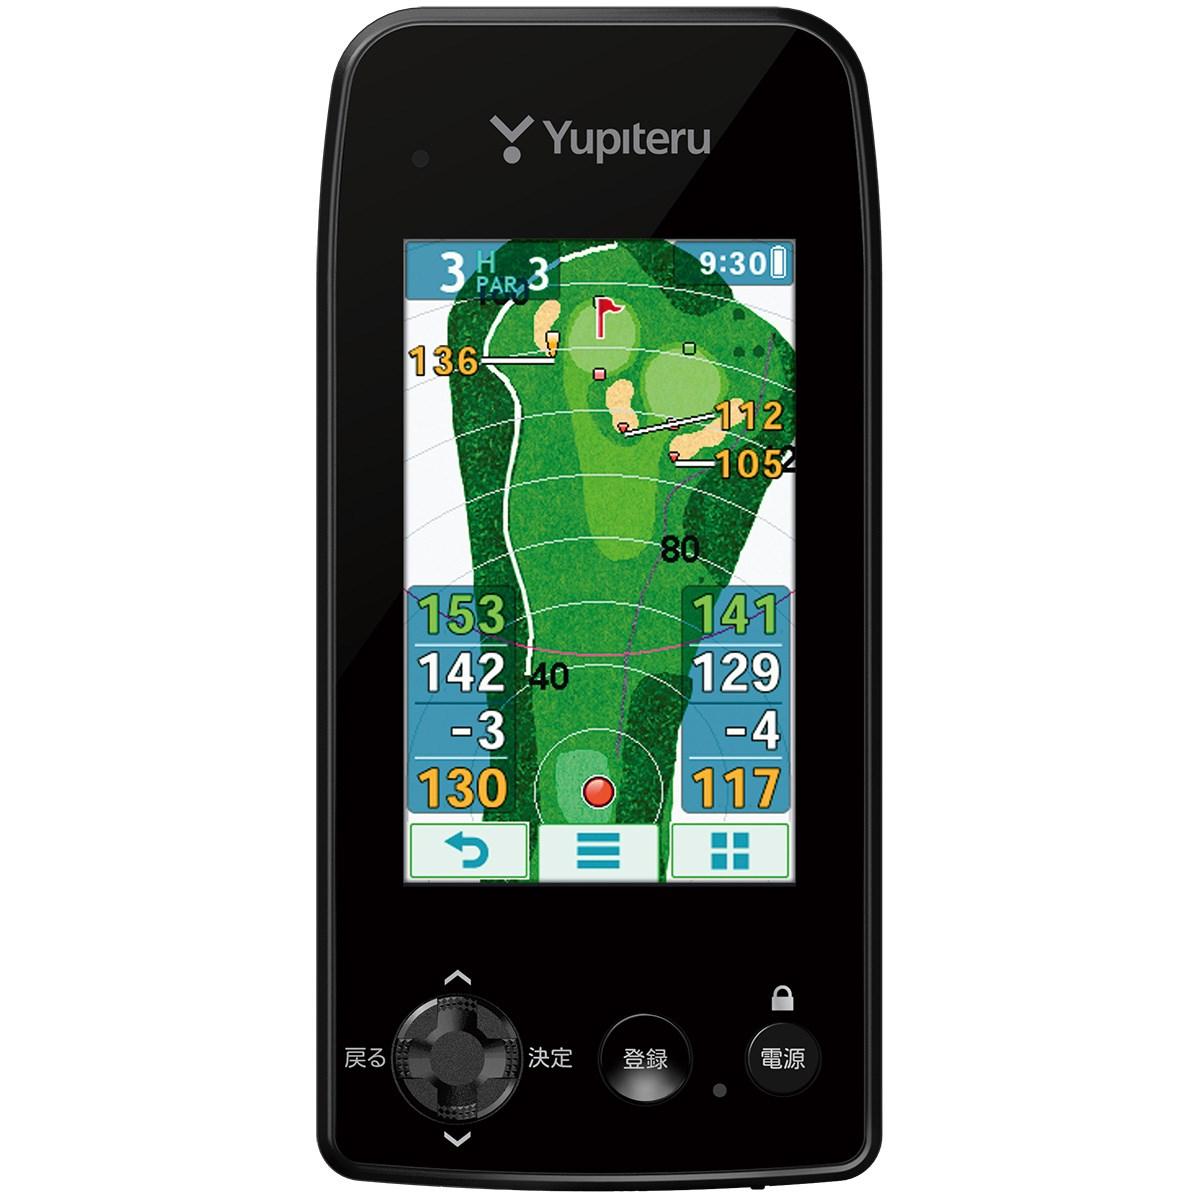 ユピテル YUPITERU ゴルフナビ YGN7000 ブラック